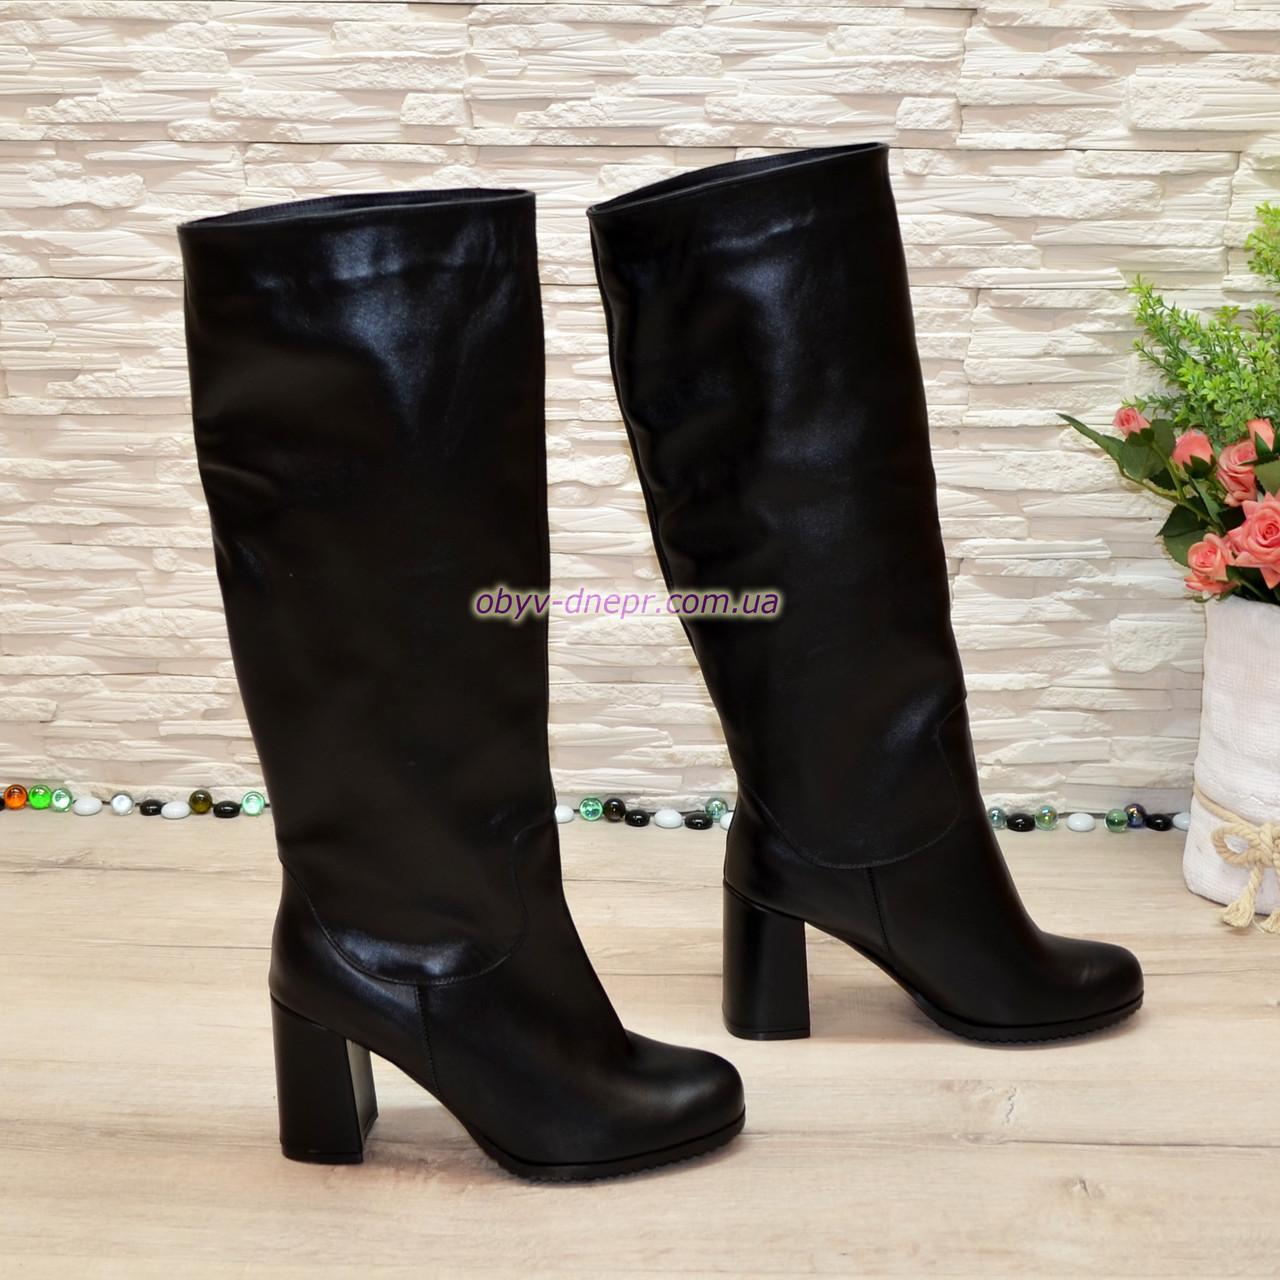 Сапоги-трубы женские кожаные на устойчивом каблуке, цвет черный